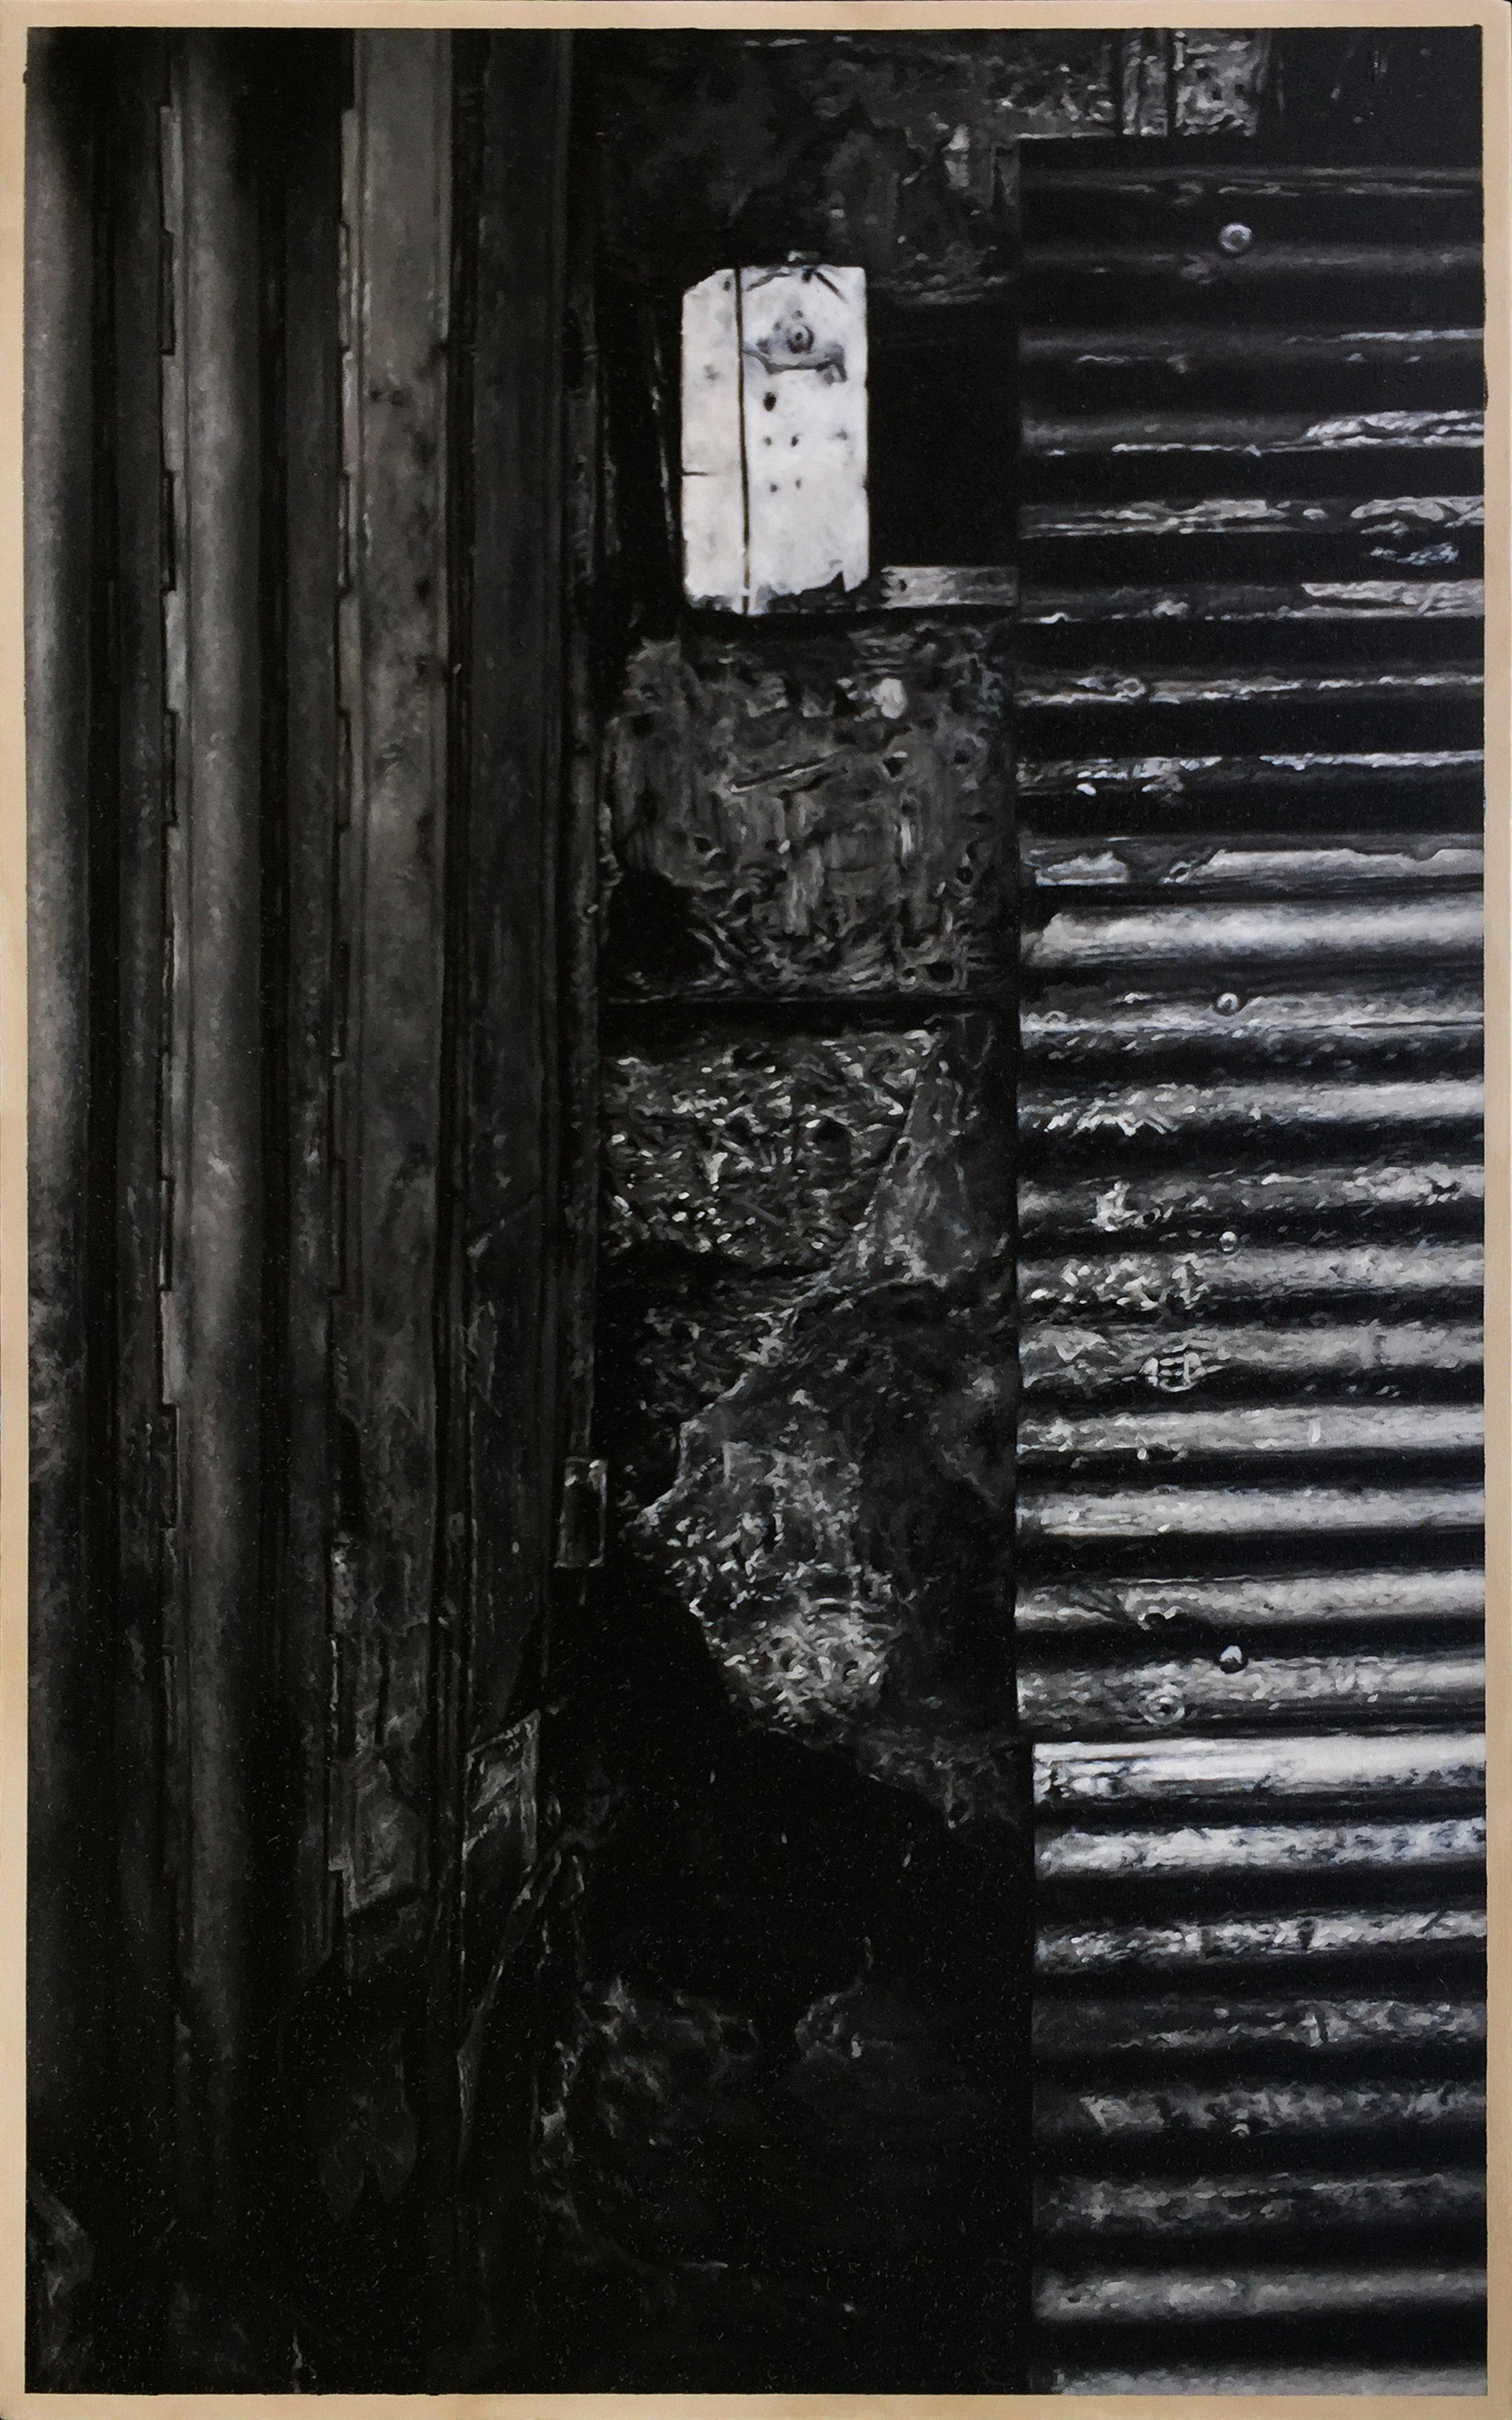 席康・森尼斯 _ Ciron Señeres〈混凝土版,金屬地板|Concrete sheet, metal ground〉,油彩於畫布|oil on canvas,160 cmx100 cm _ 63.0 in x 39.4 in,2019.jpg